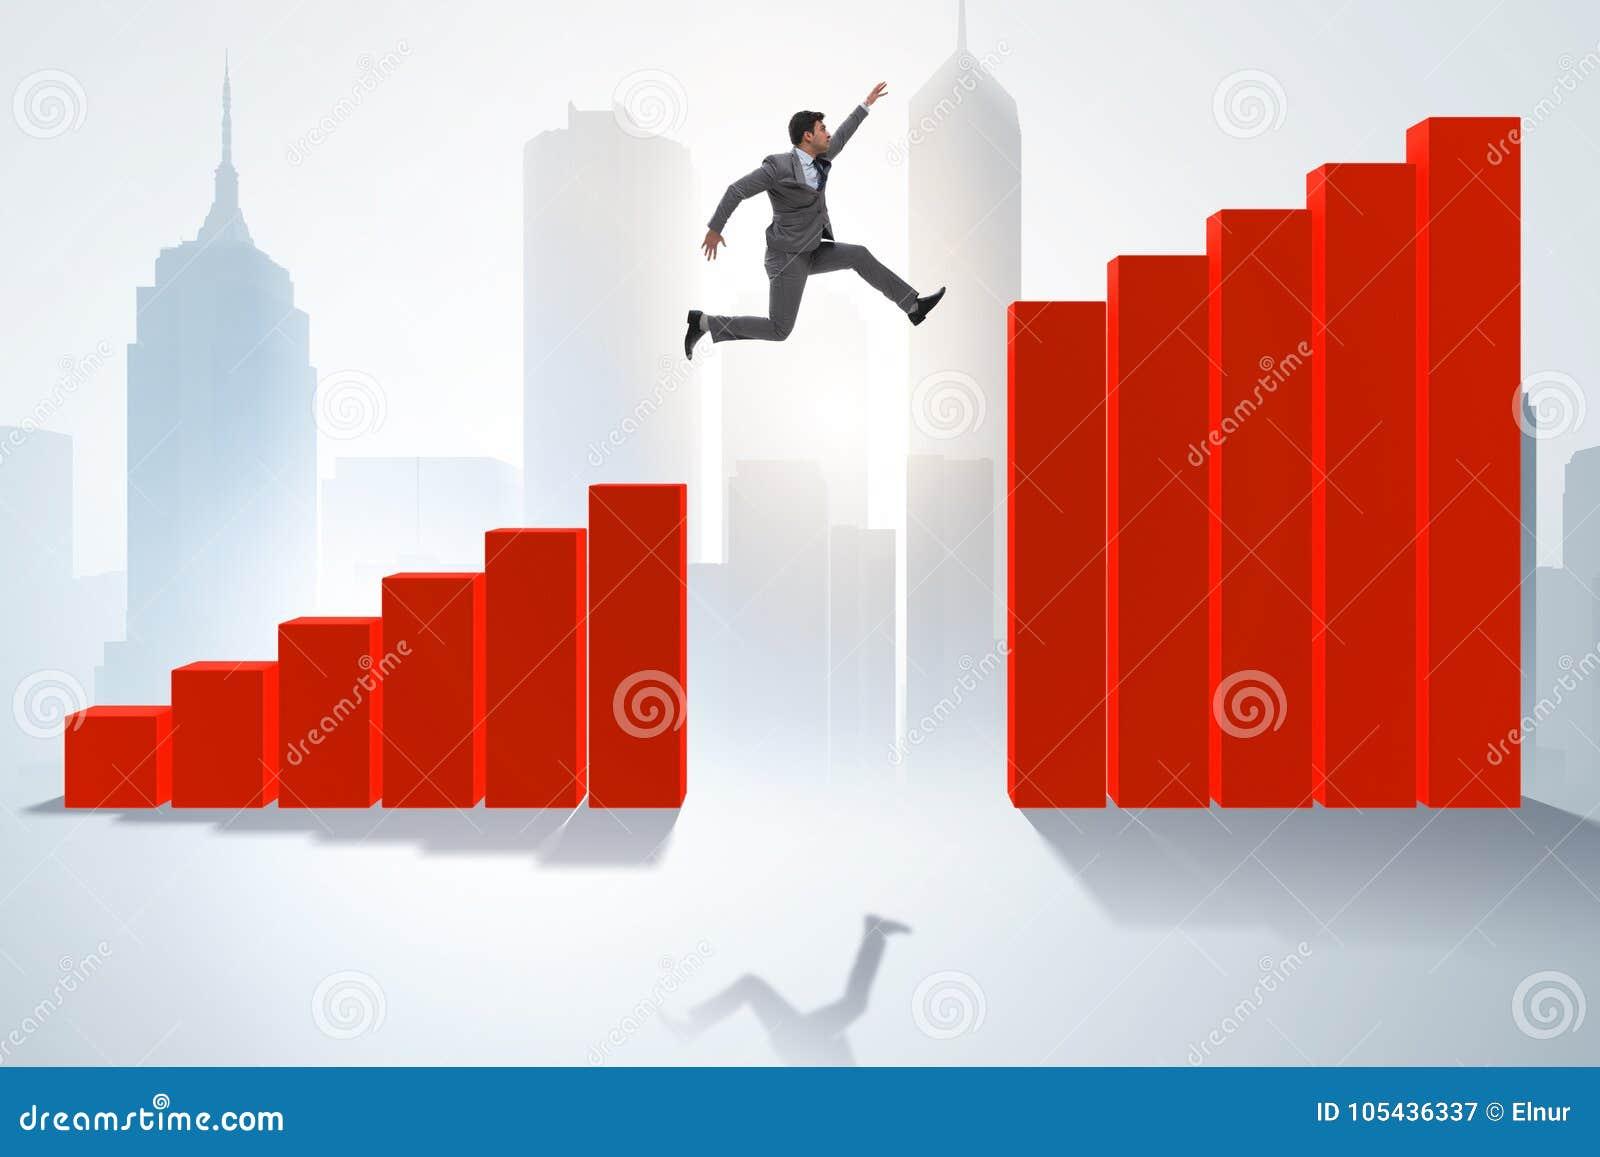 Der Geschäftsmann, der in Richtung zum wirtschaftlichen Erfolg läuft